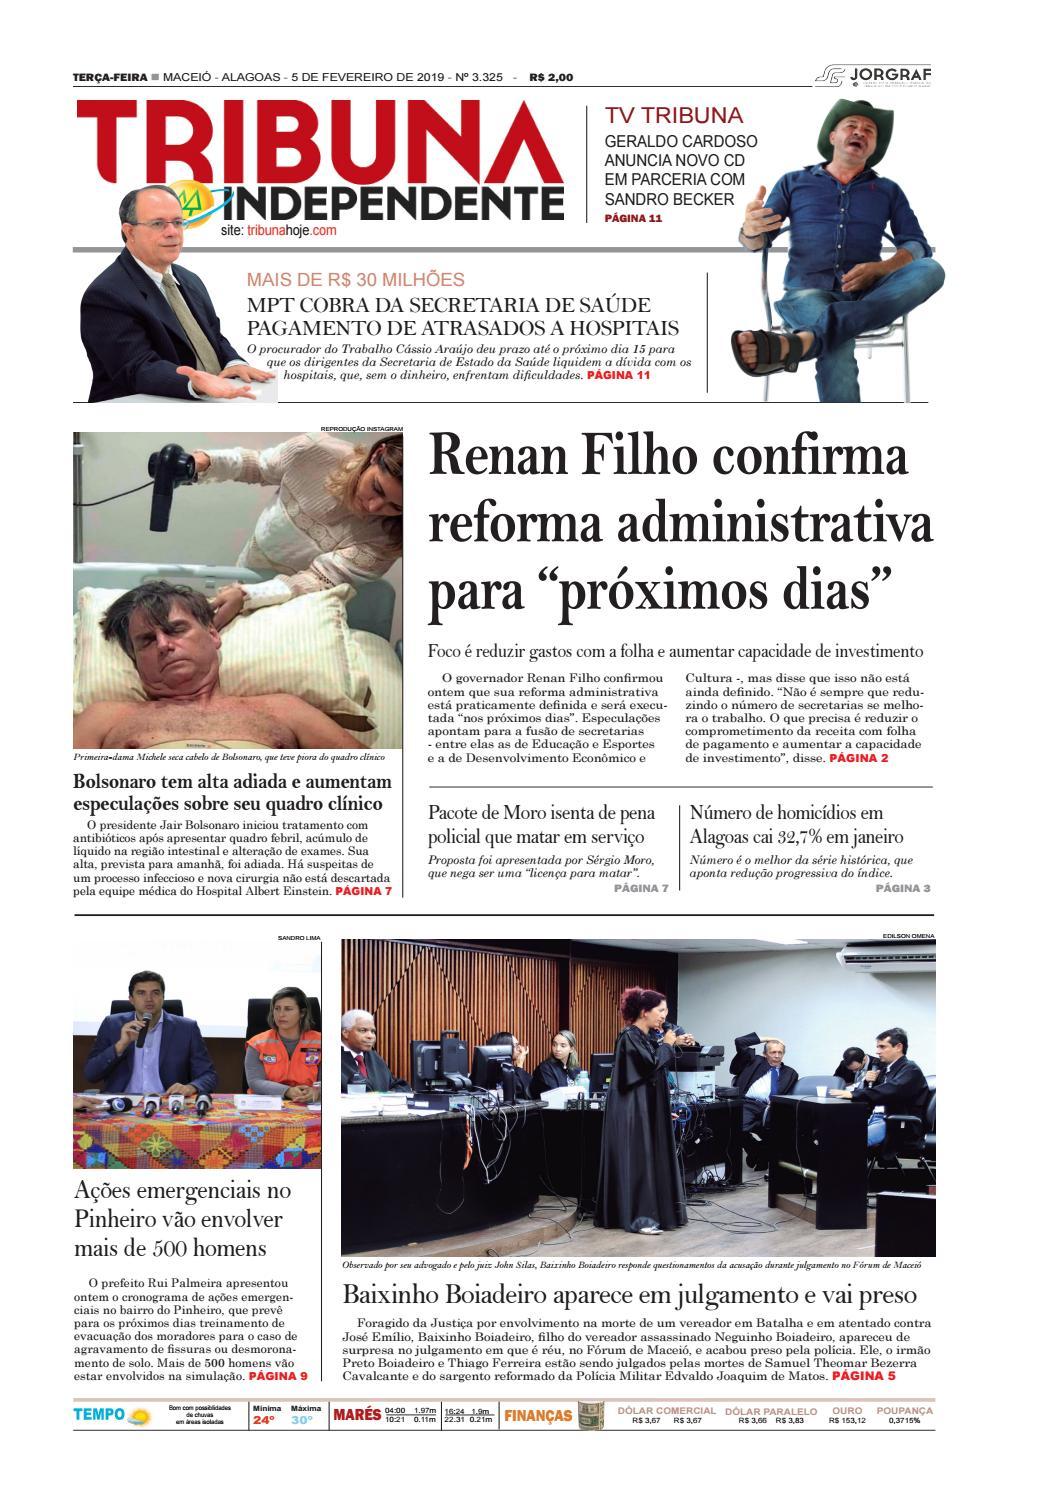 225b2a084 Edição número 3325 - 5 de fevereiro de 2019 by Tribuna Hoje - issuu